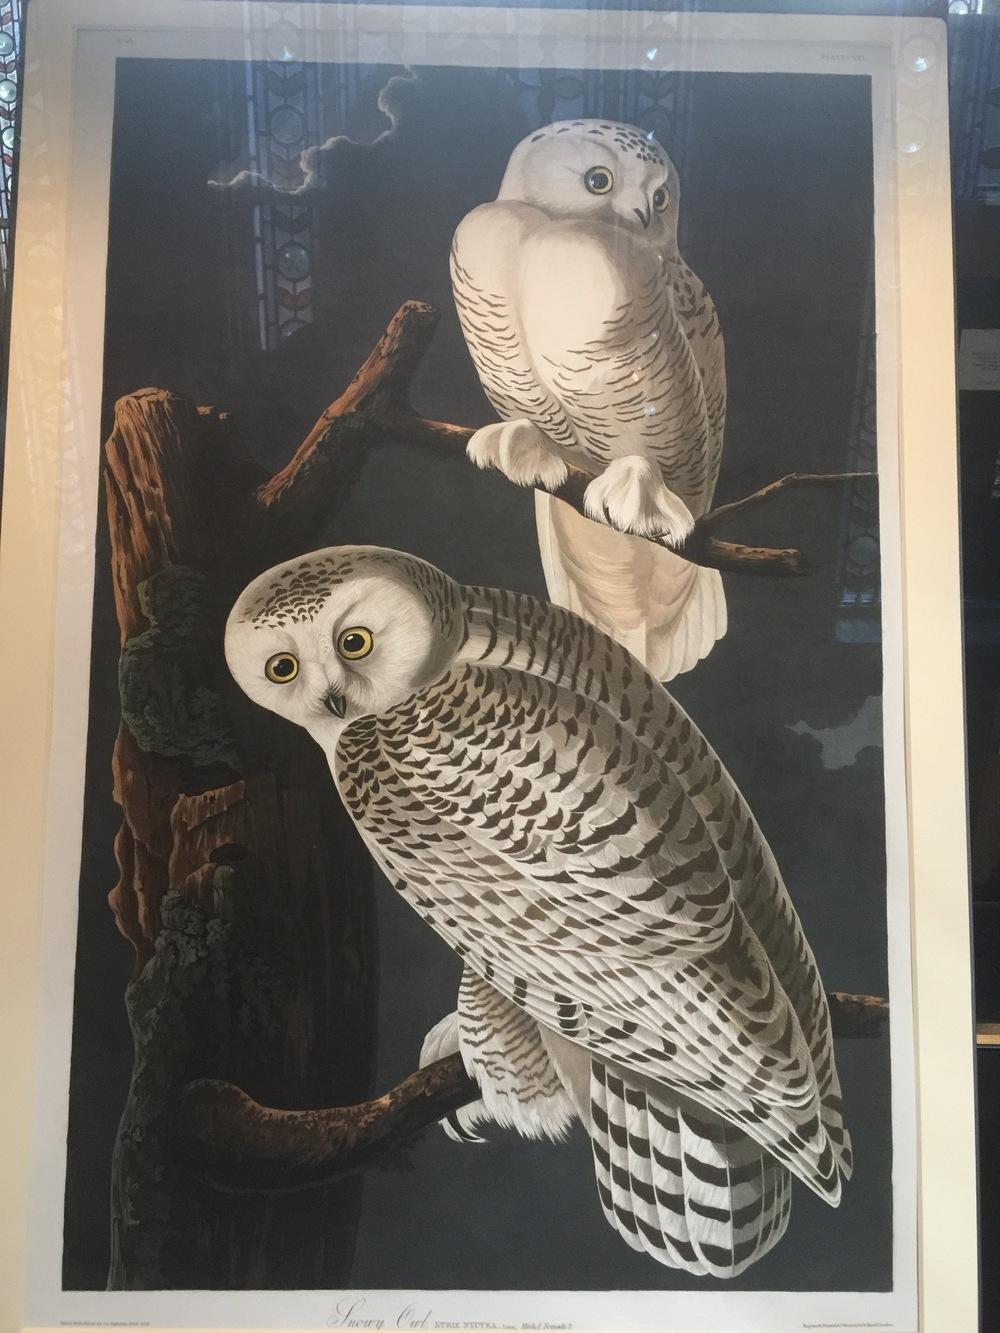 Audubon Owl painting